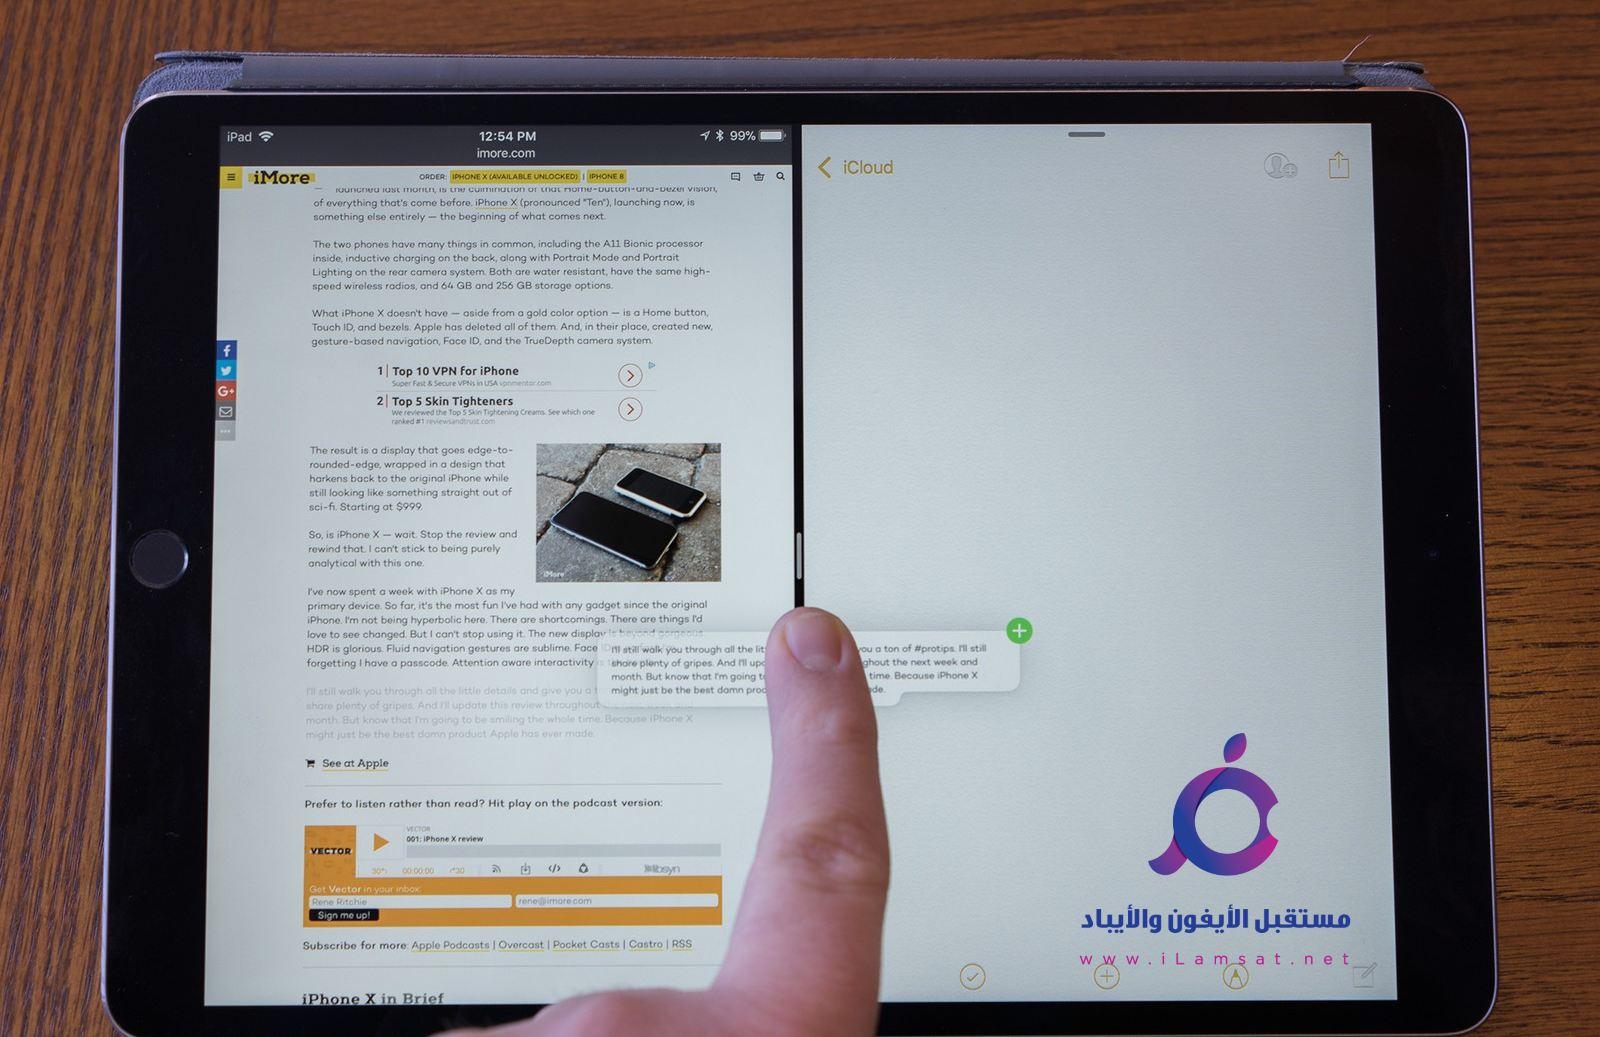 يقدم لك تحديث iOS 15 ميزة سحب ونقل الصور والنصوص من تطبيق الي اخر